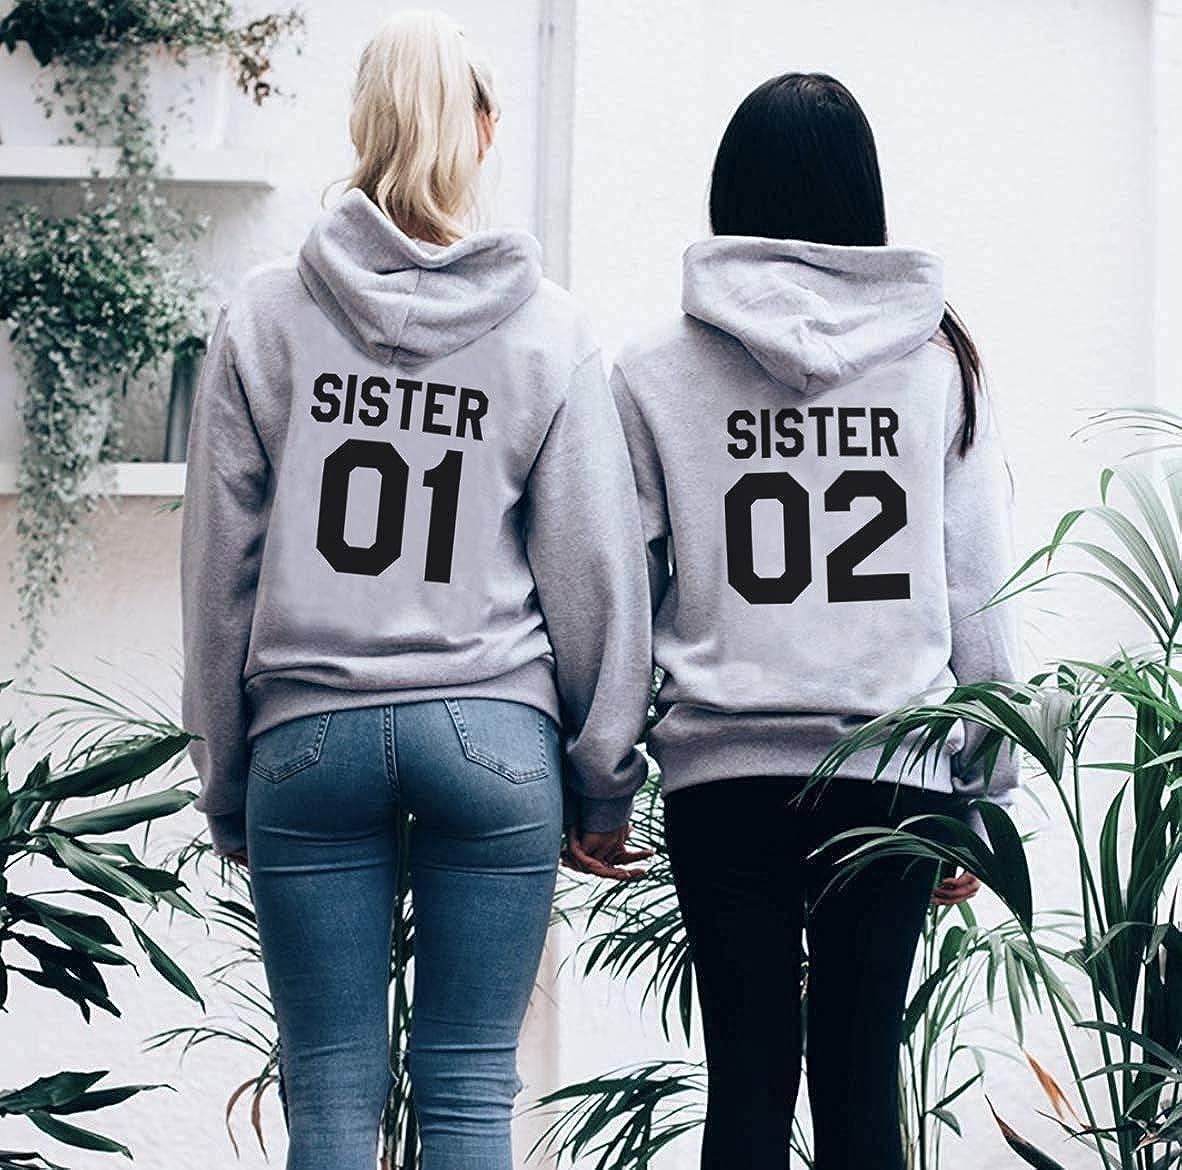 Kapuzenpullis f/ür Zwei Damen Beste Freunde Sweatshirts Partner Look Pullover mit Kapuze Freundin Hoodie BFF Winter Pulli Freundschaft 2 st/ücke